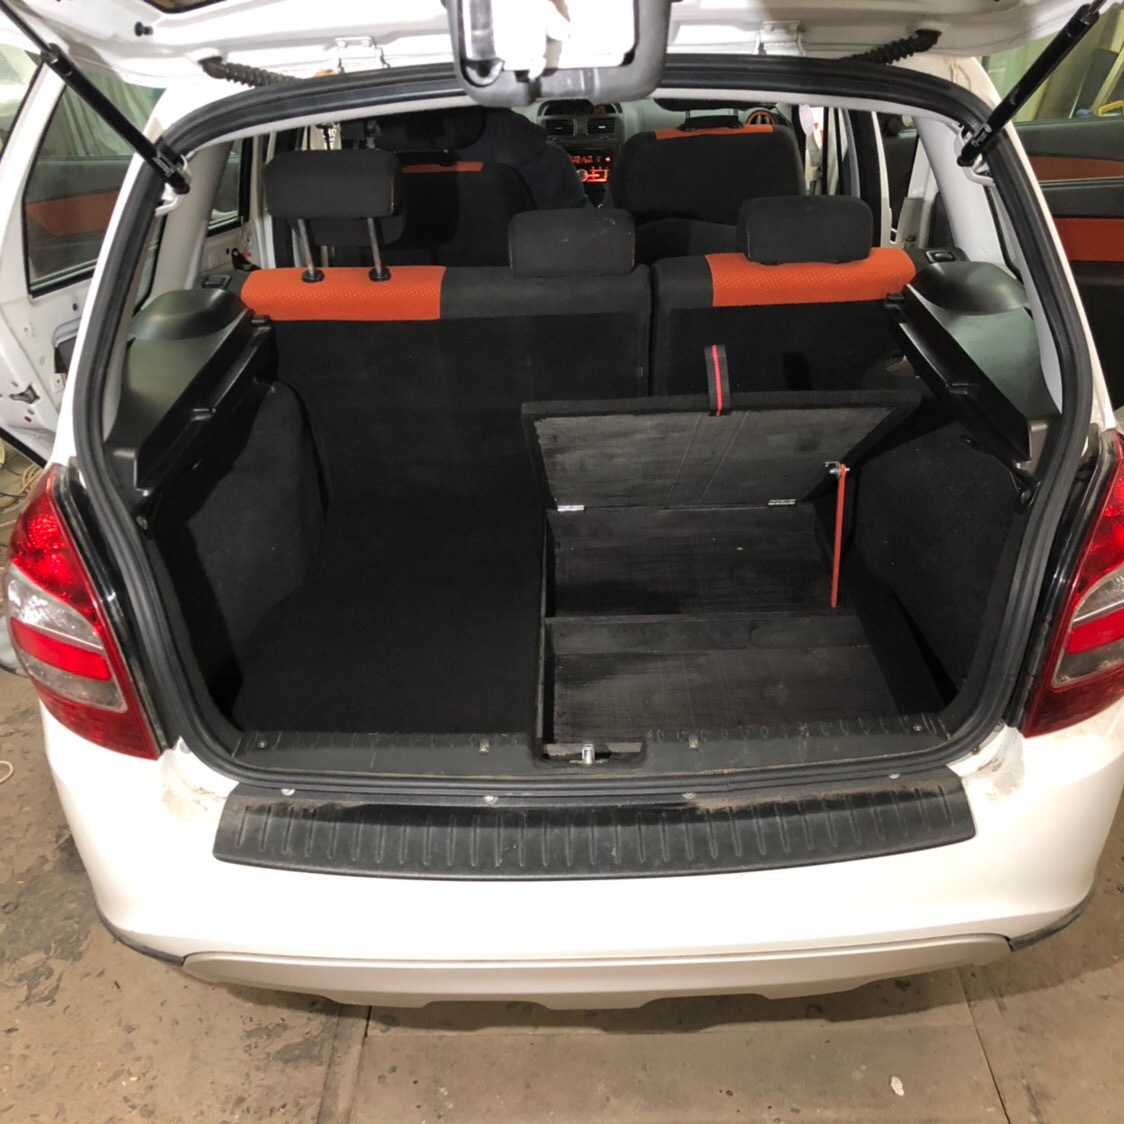 составлении калина кросс фото салона багажника гараже нише